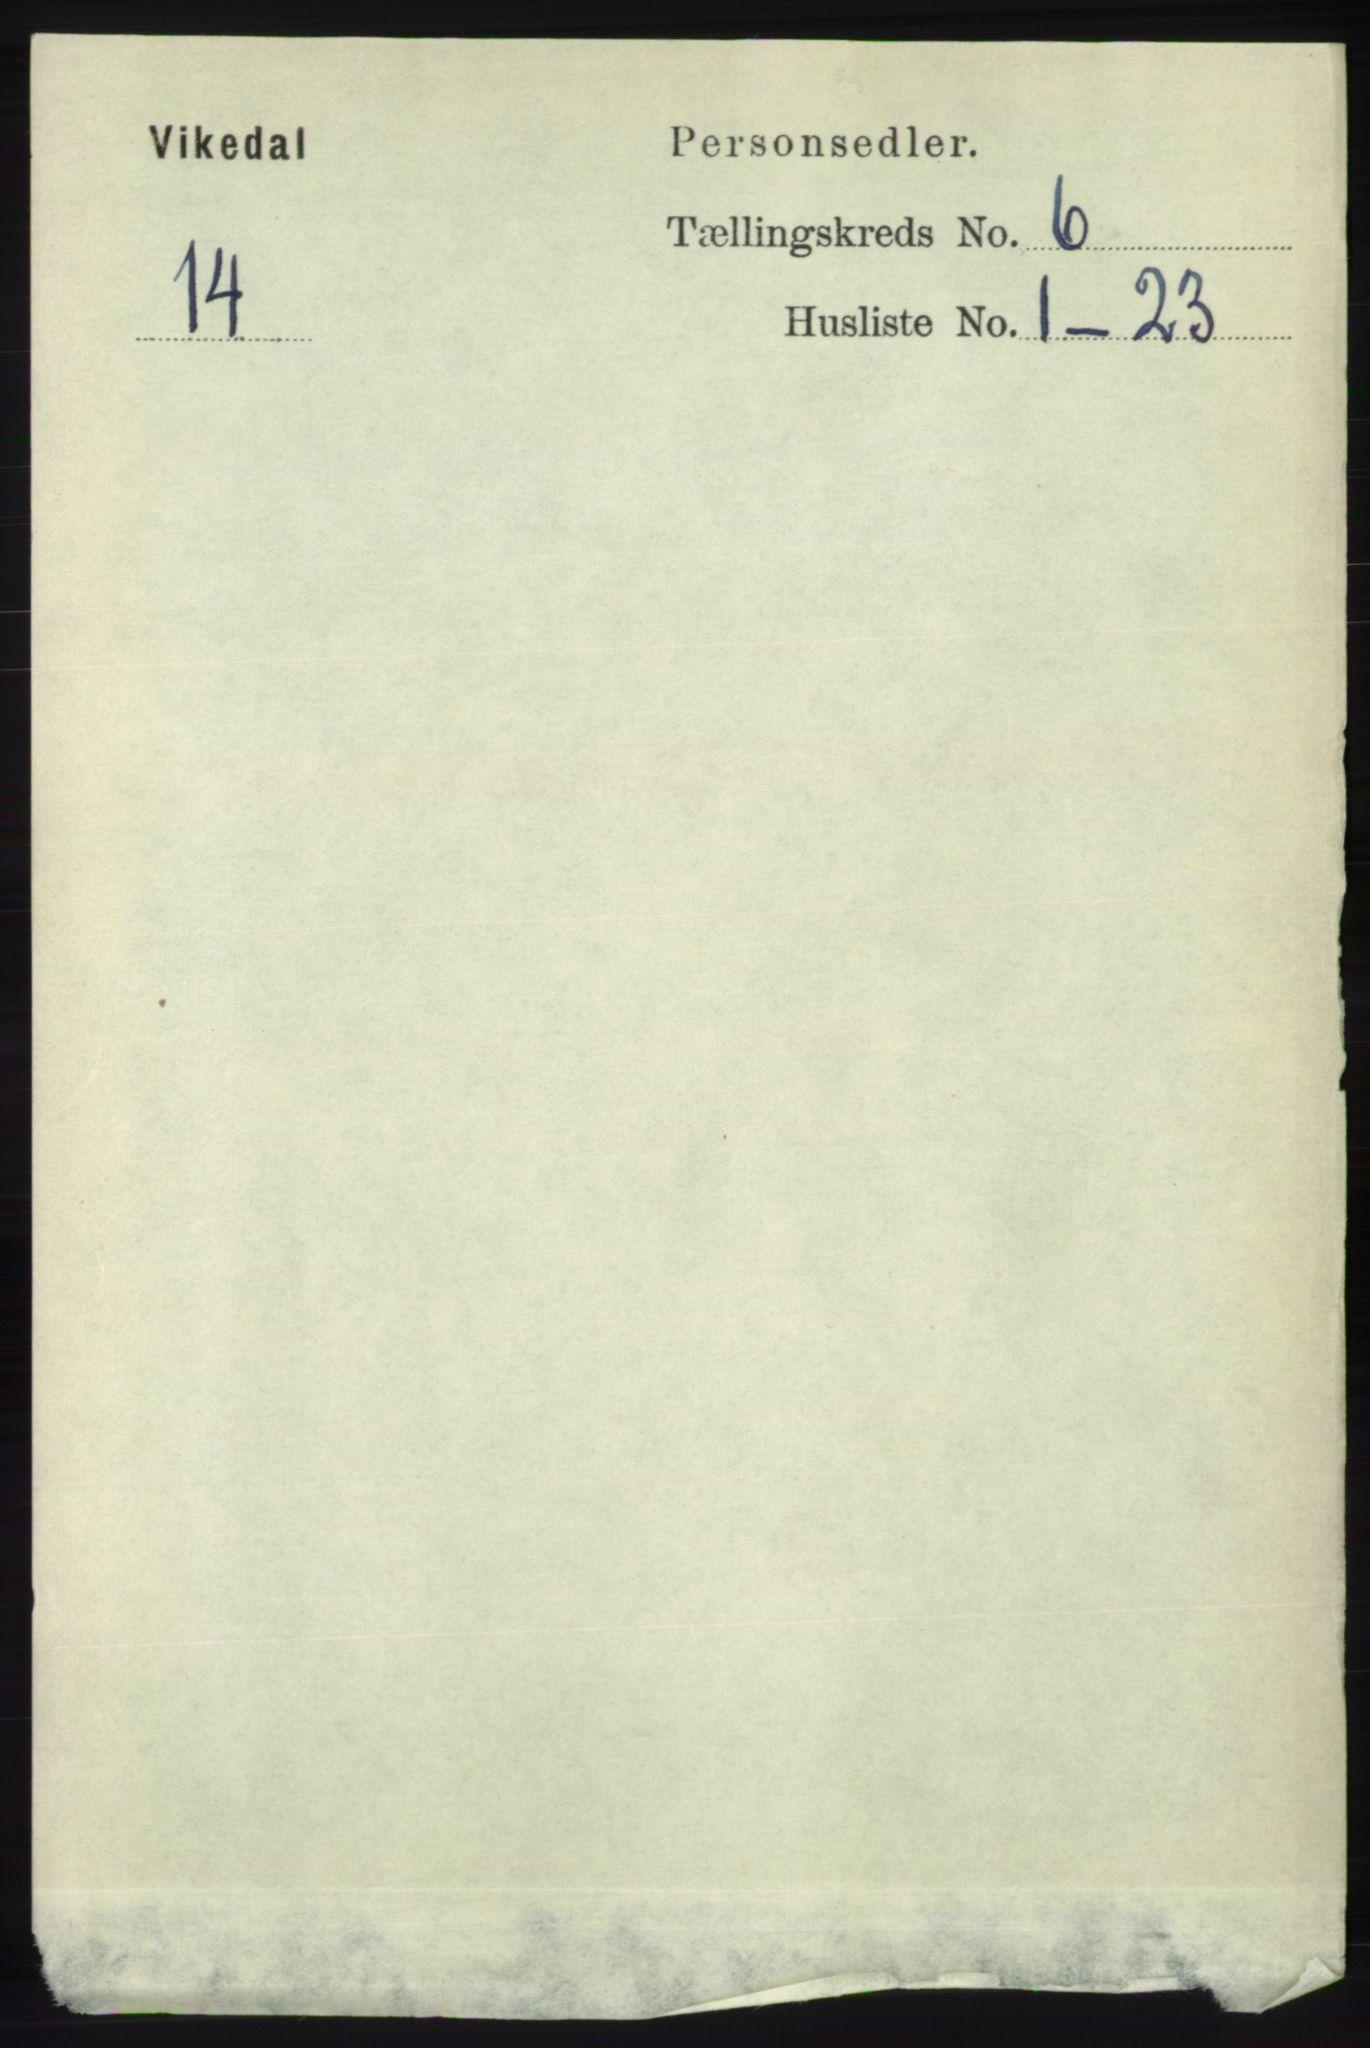 RA, Folketelling 1891 for 1157 Vikedal herred, 1891, s. 1570